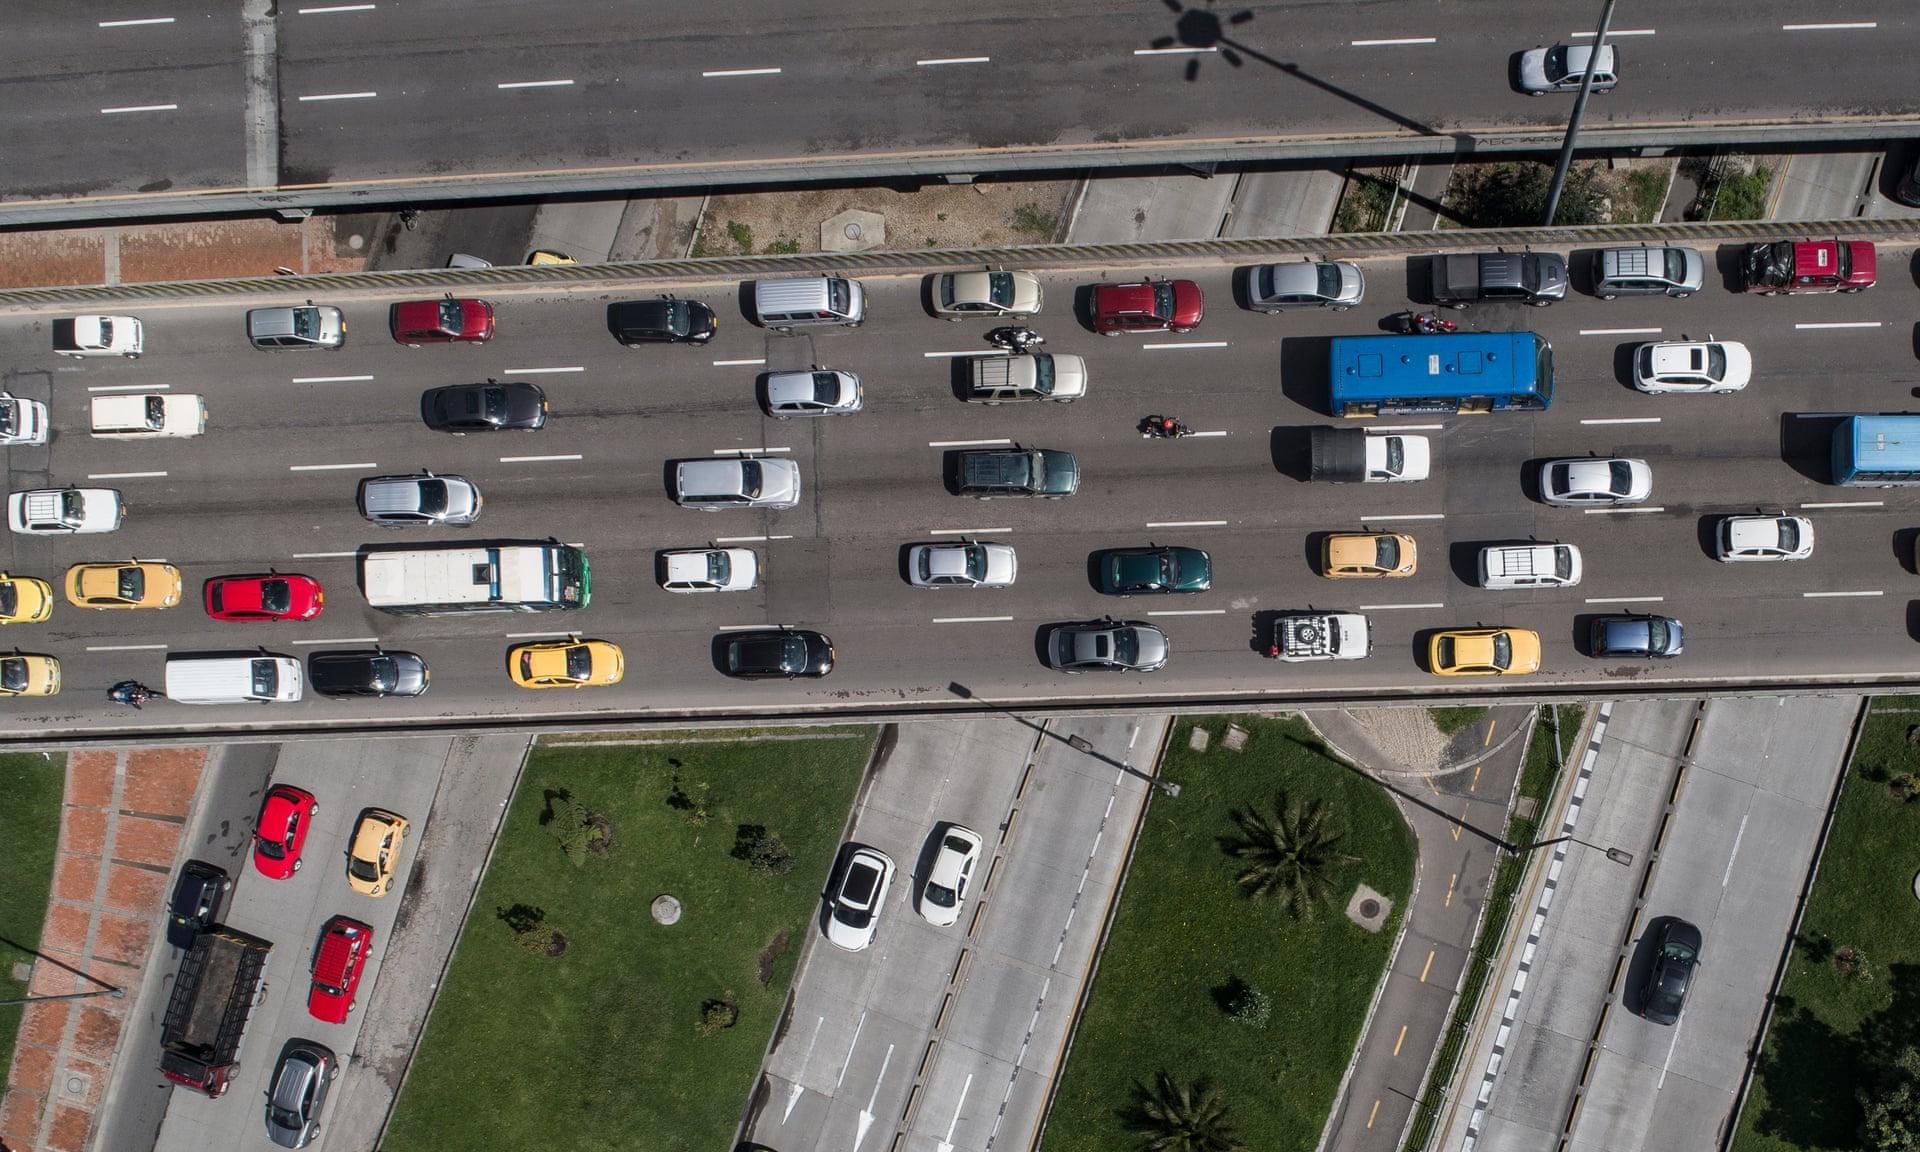 Các máy bay không người lái được trang bị camera độ phân giải cao sẽ chụp lại những trường hợp vi phạm giao thông.